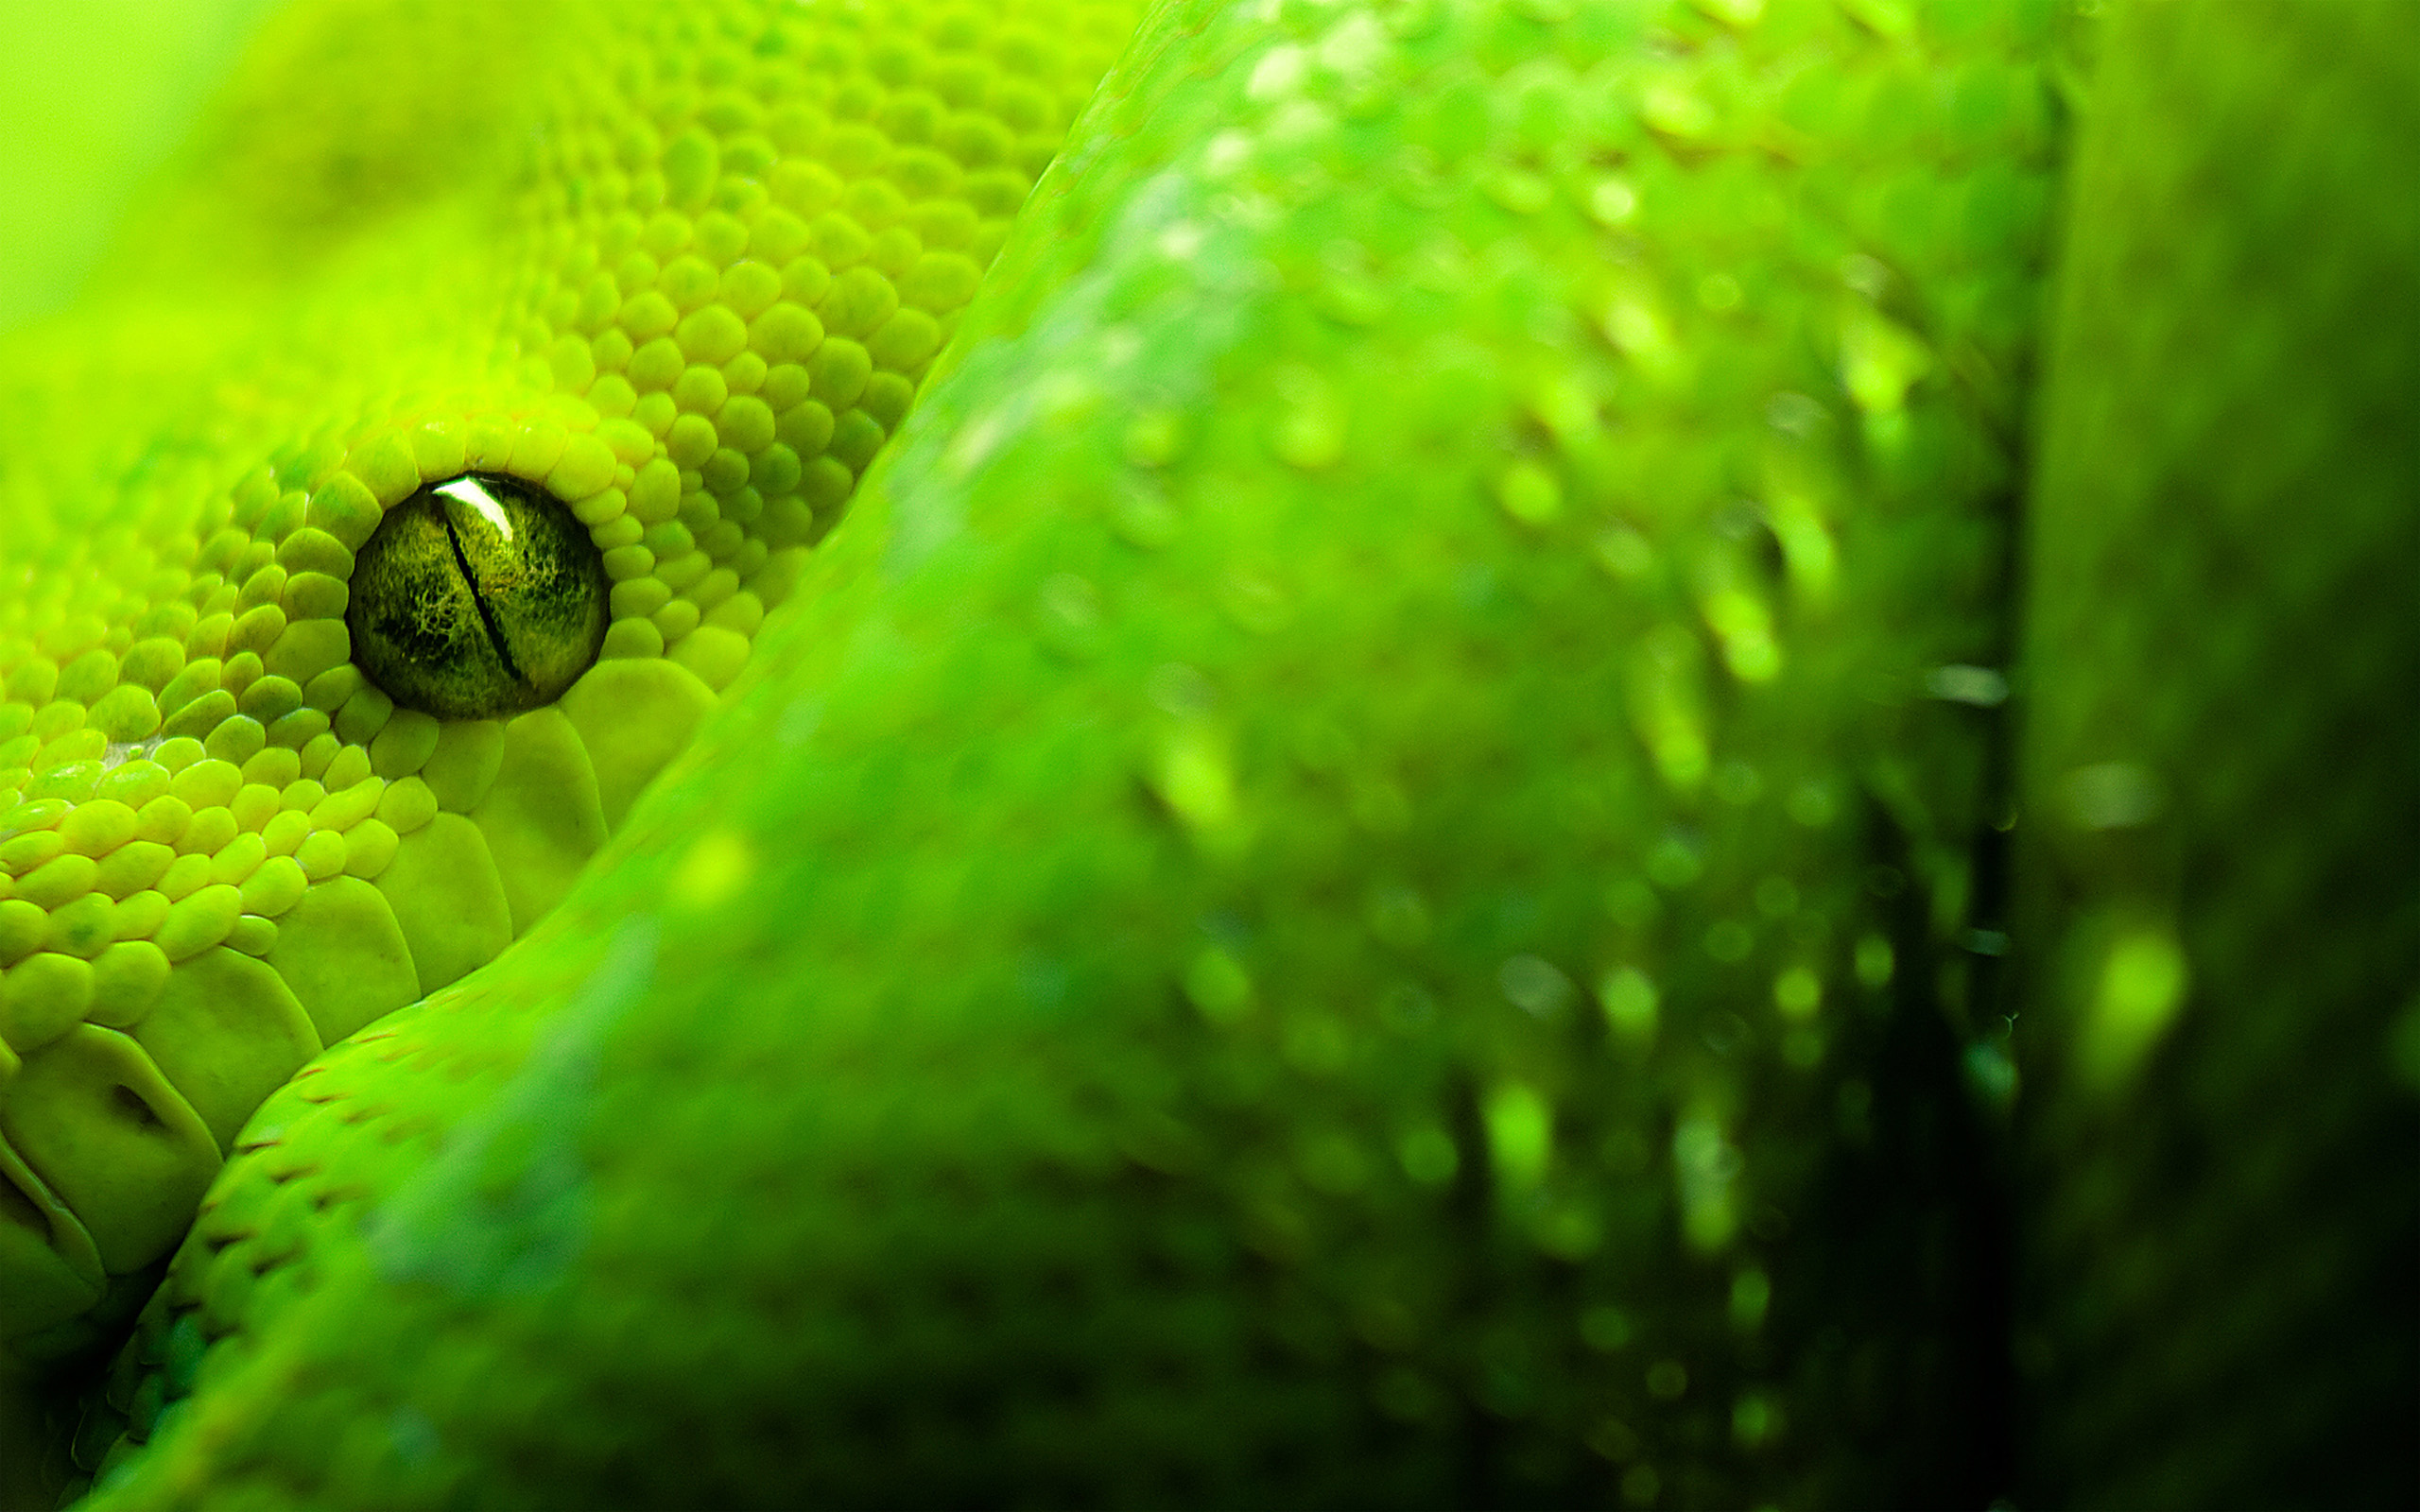 змея ультрафиолет загрузить